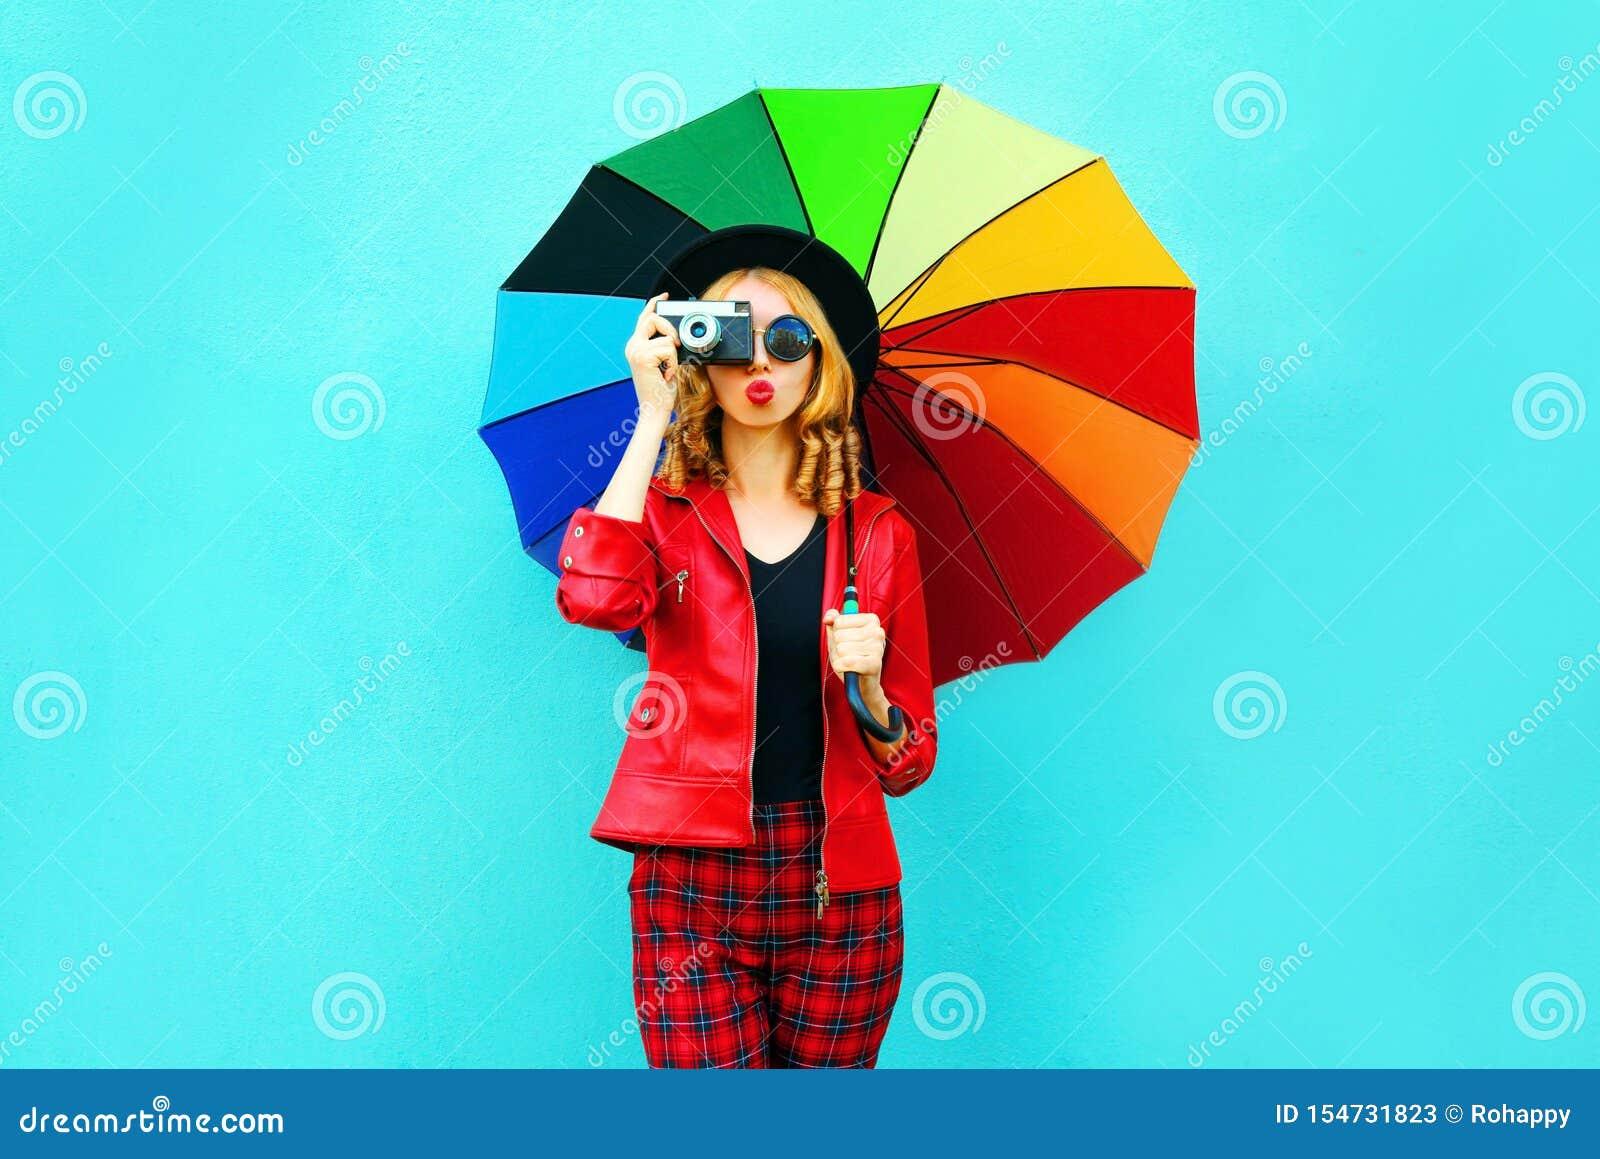 Ung kvinna som rymmer det färgrika paraplyet, retro kamera som tar bilden i det röda omslaget, svart hatt på den blåa väggen